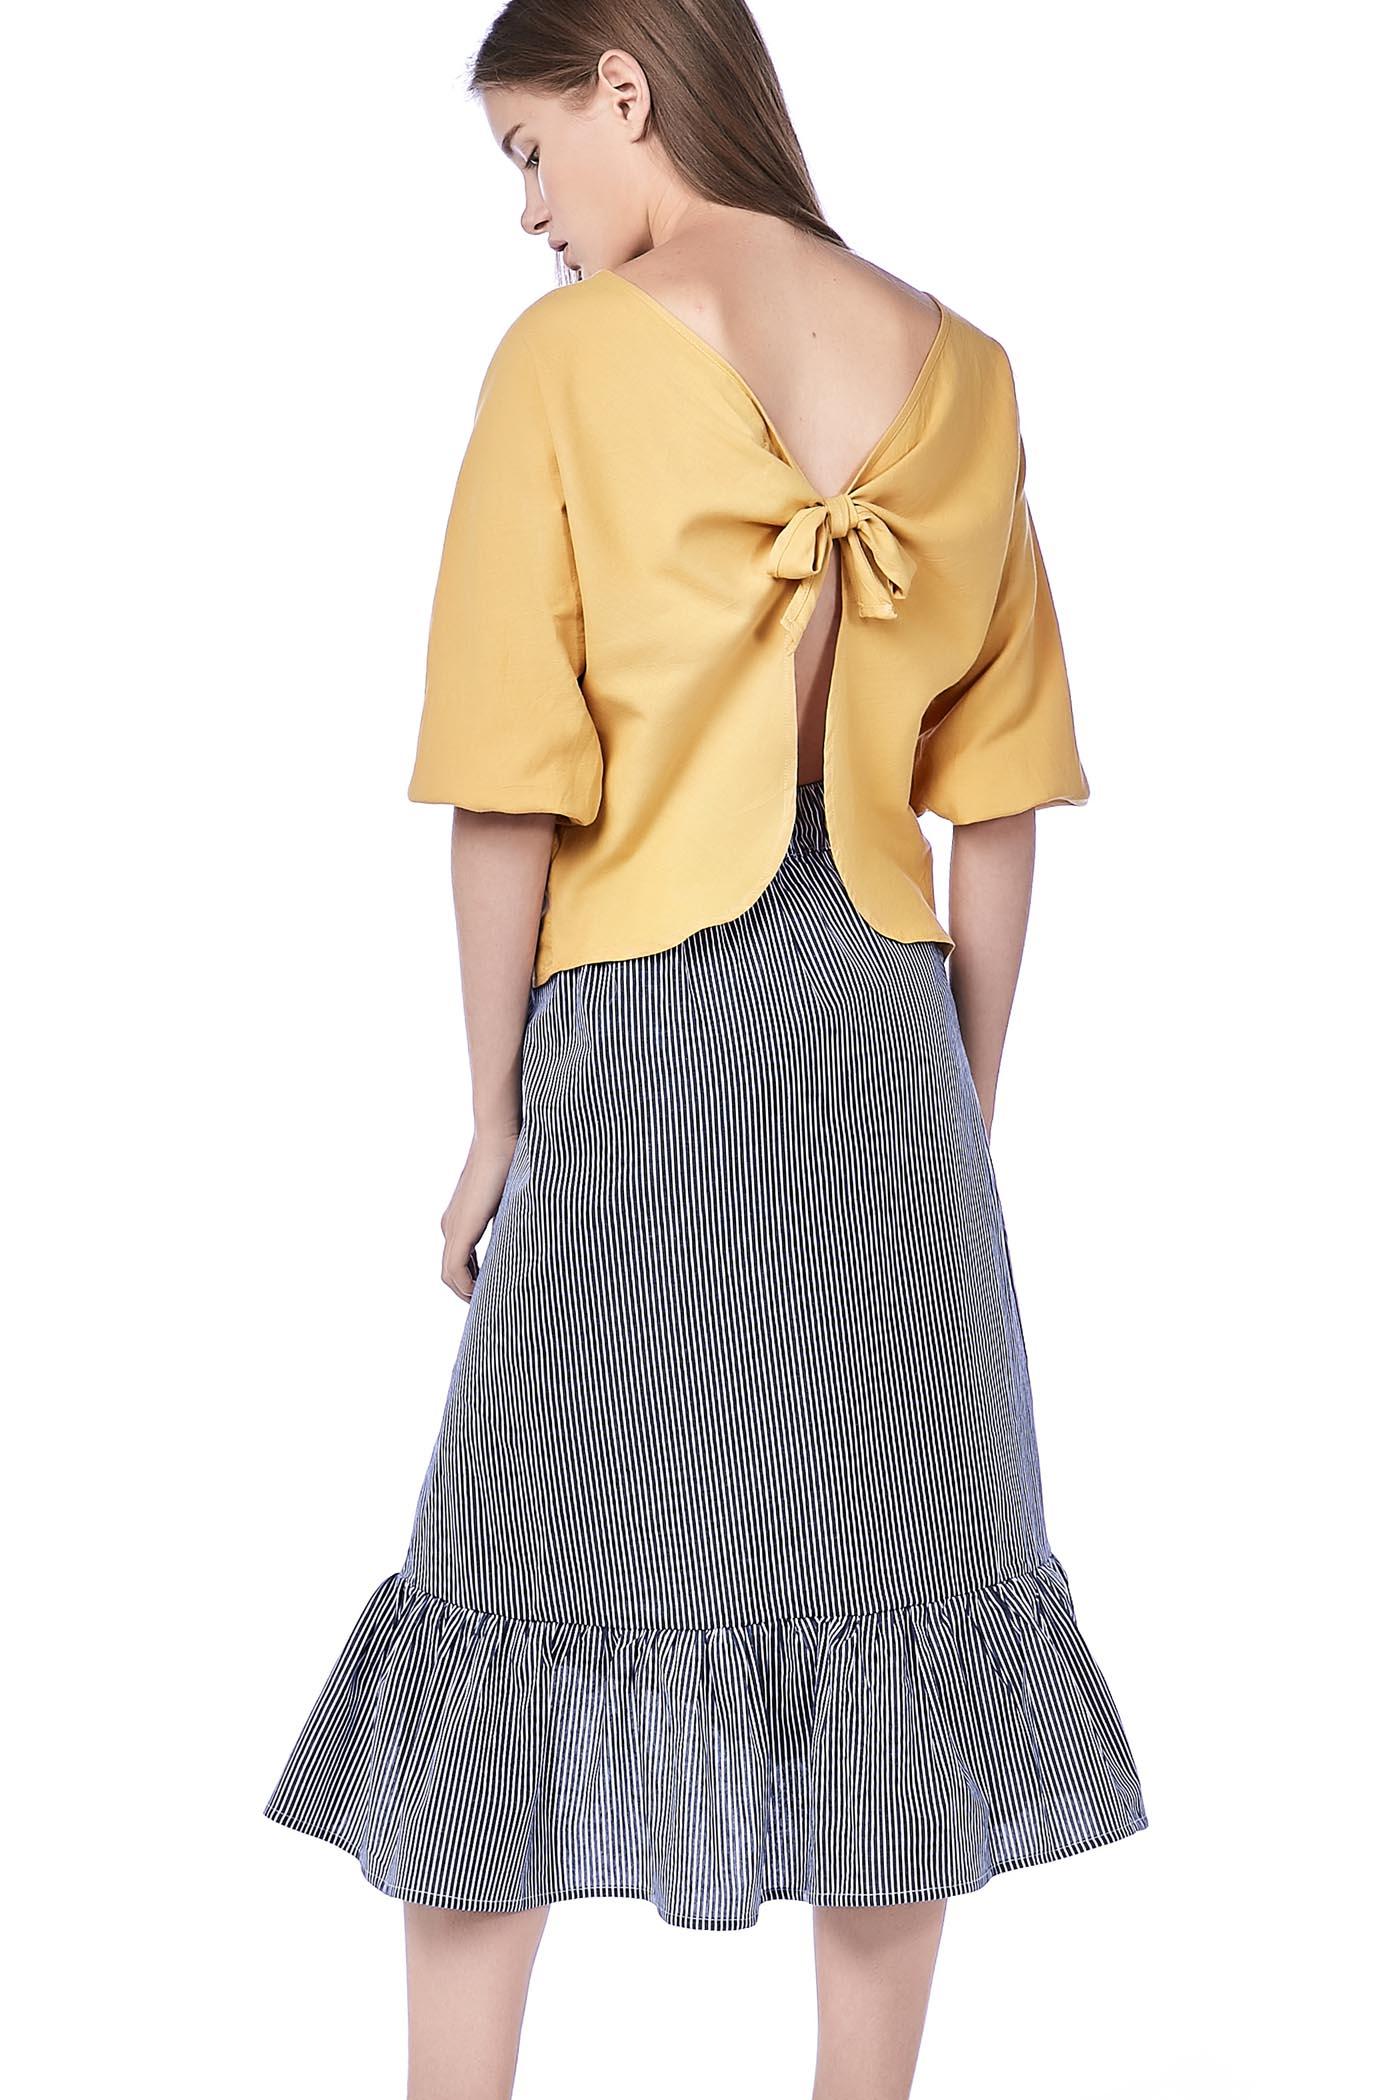 Elxie Back-Tie Top